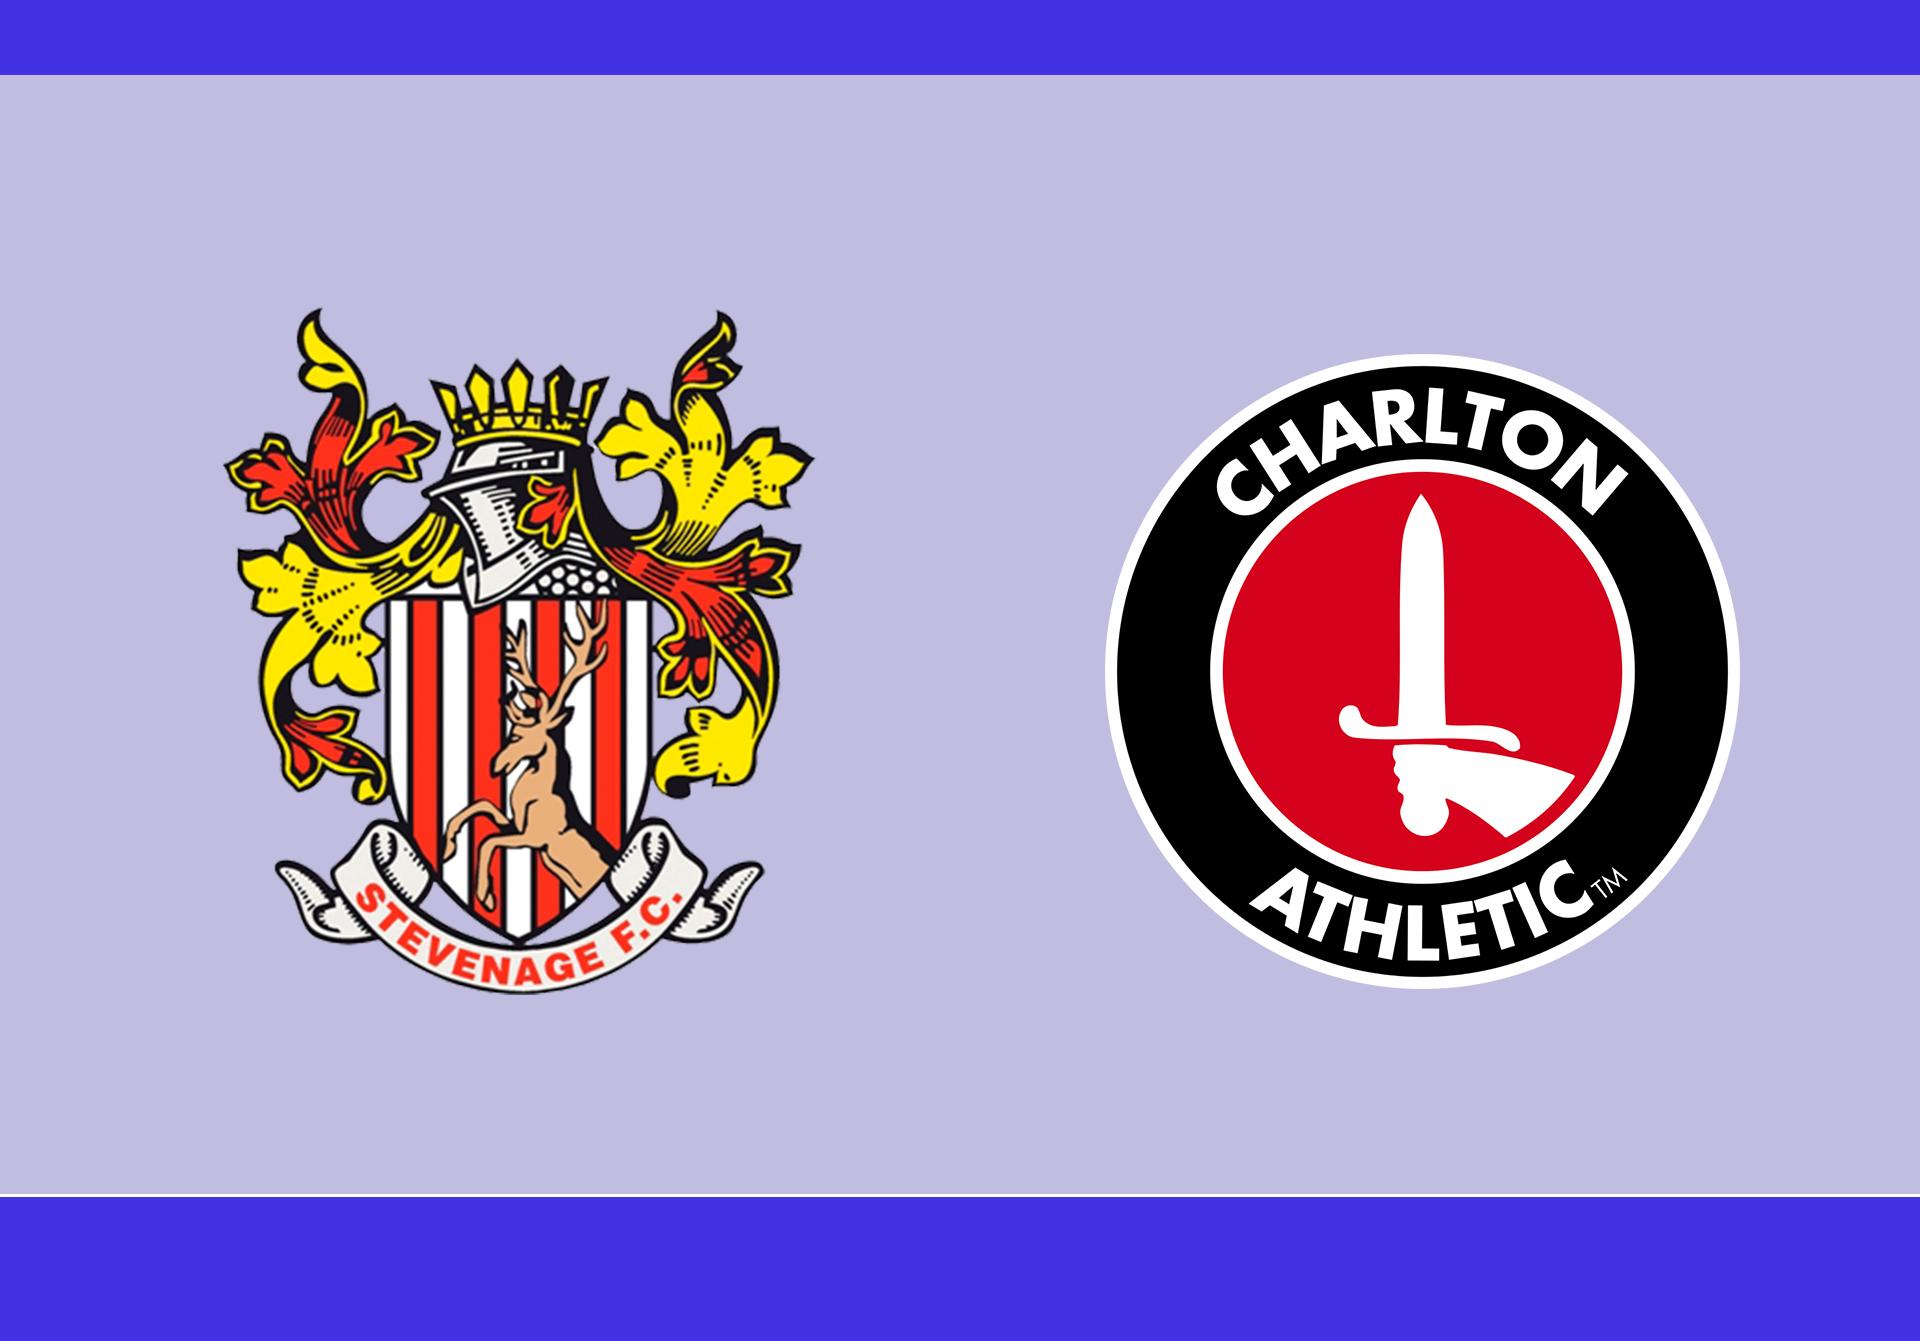 stevenage-vs-charlton-athletic-tip-bong-da-10-10-2018 1